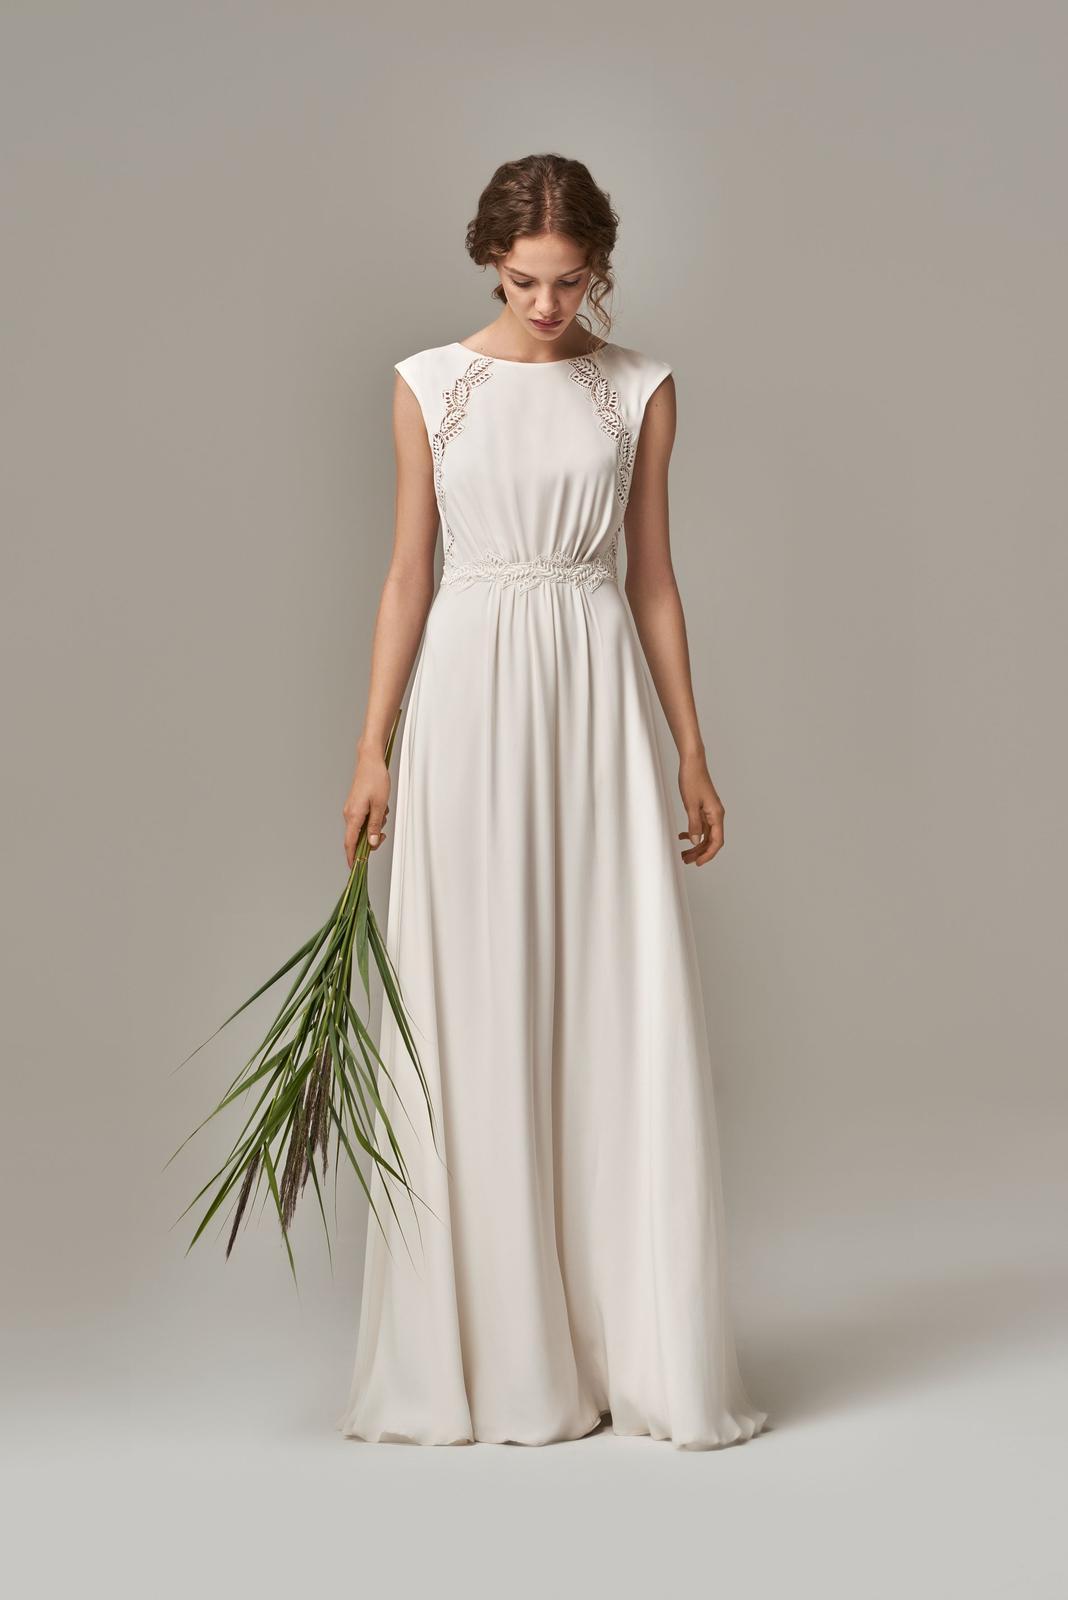 Anna Kara * Svadobné šaty z kolekcií na rok 2019 - Obrázok č. 23